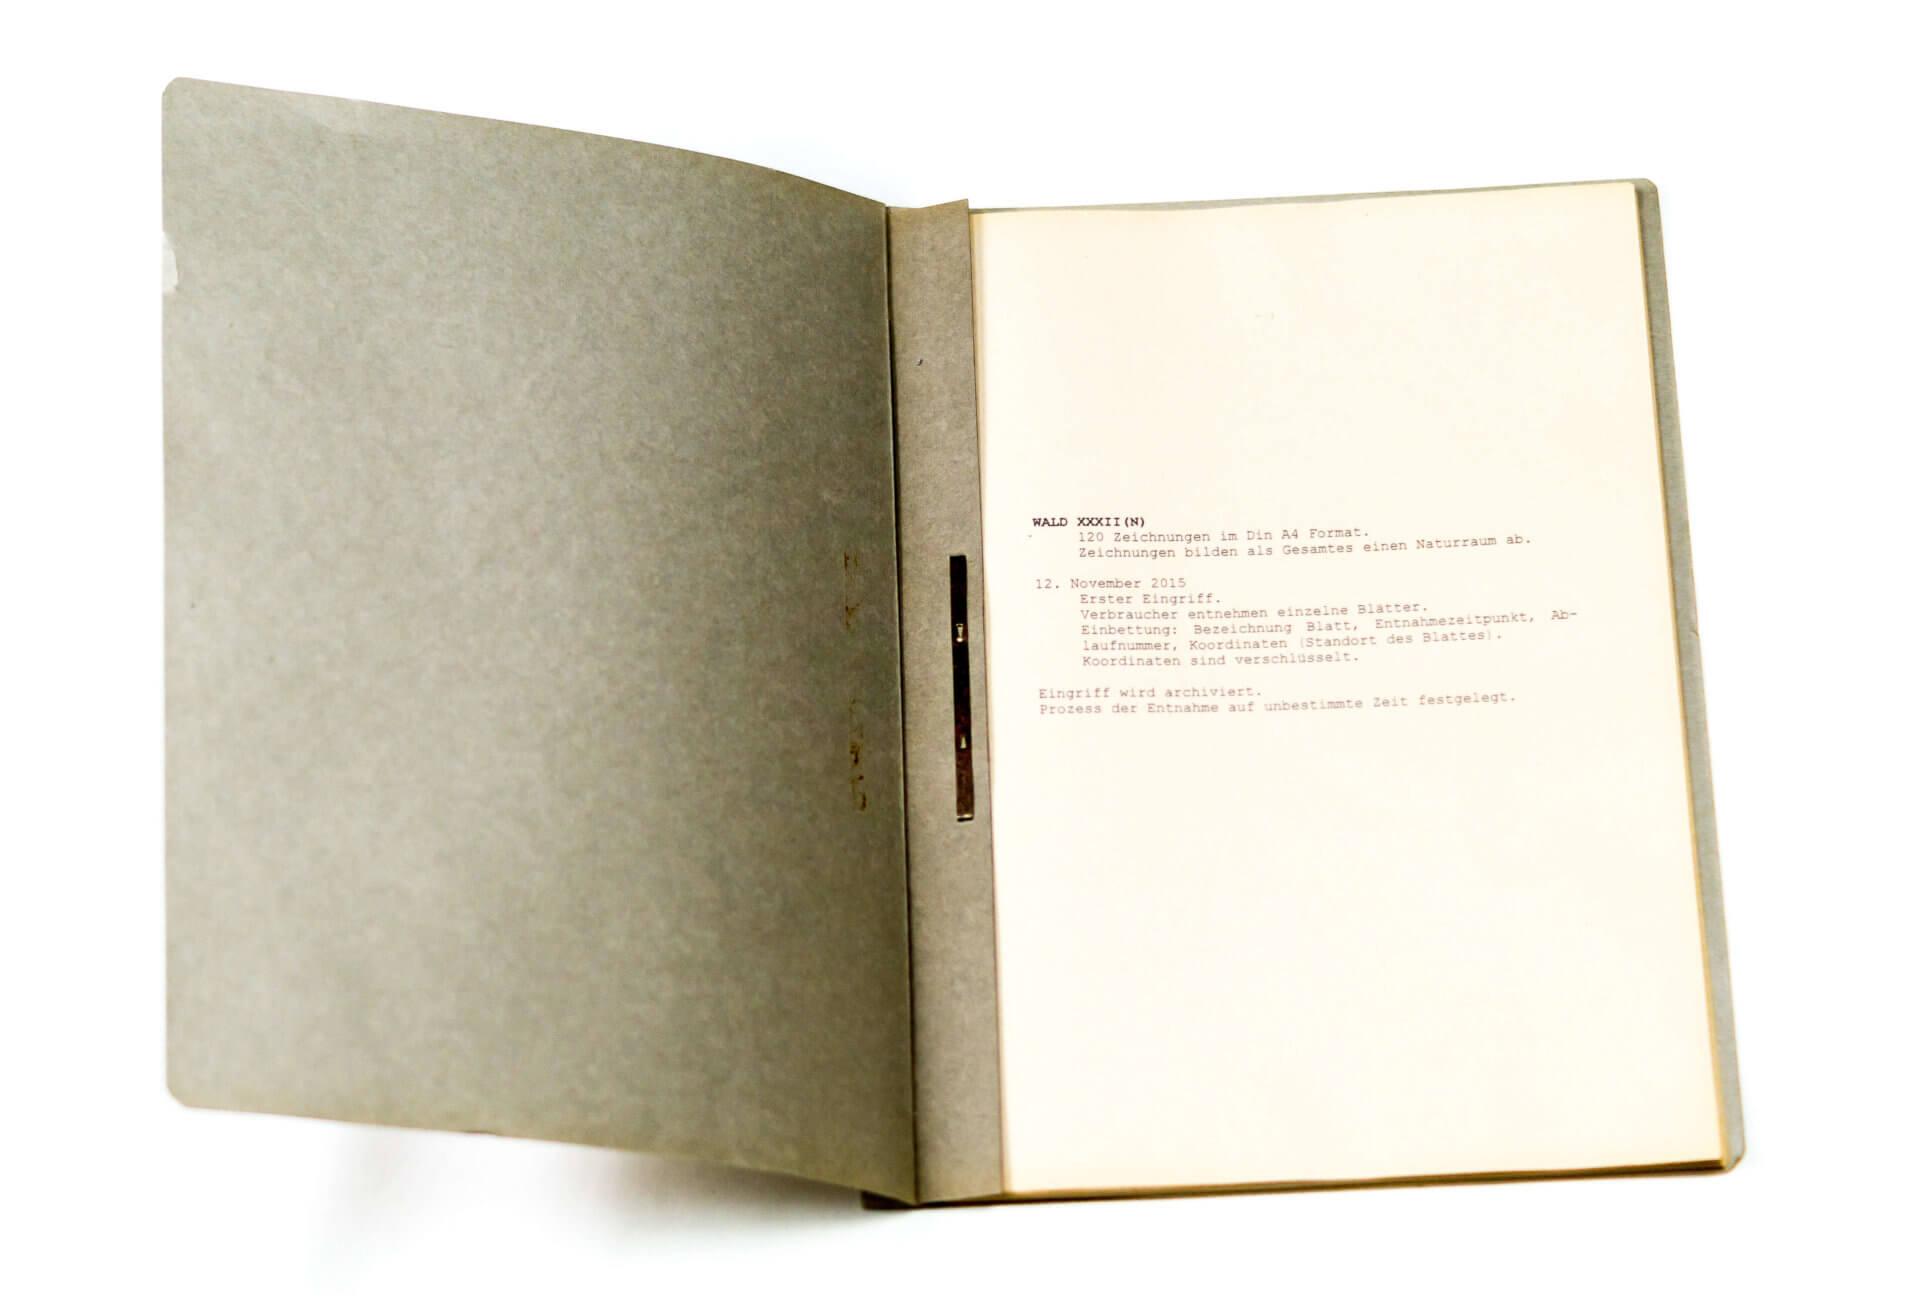 Katharina Albers, Detail Archiv: Wald XXXII(N), 2015, Tusche, Graphit, Linolfarbe, Ölfarbe, Fineliner, Gelstift auf Papier, 120 Stück je 30×21 cm, Größe gesamt 297×252 cm